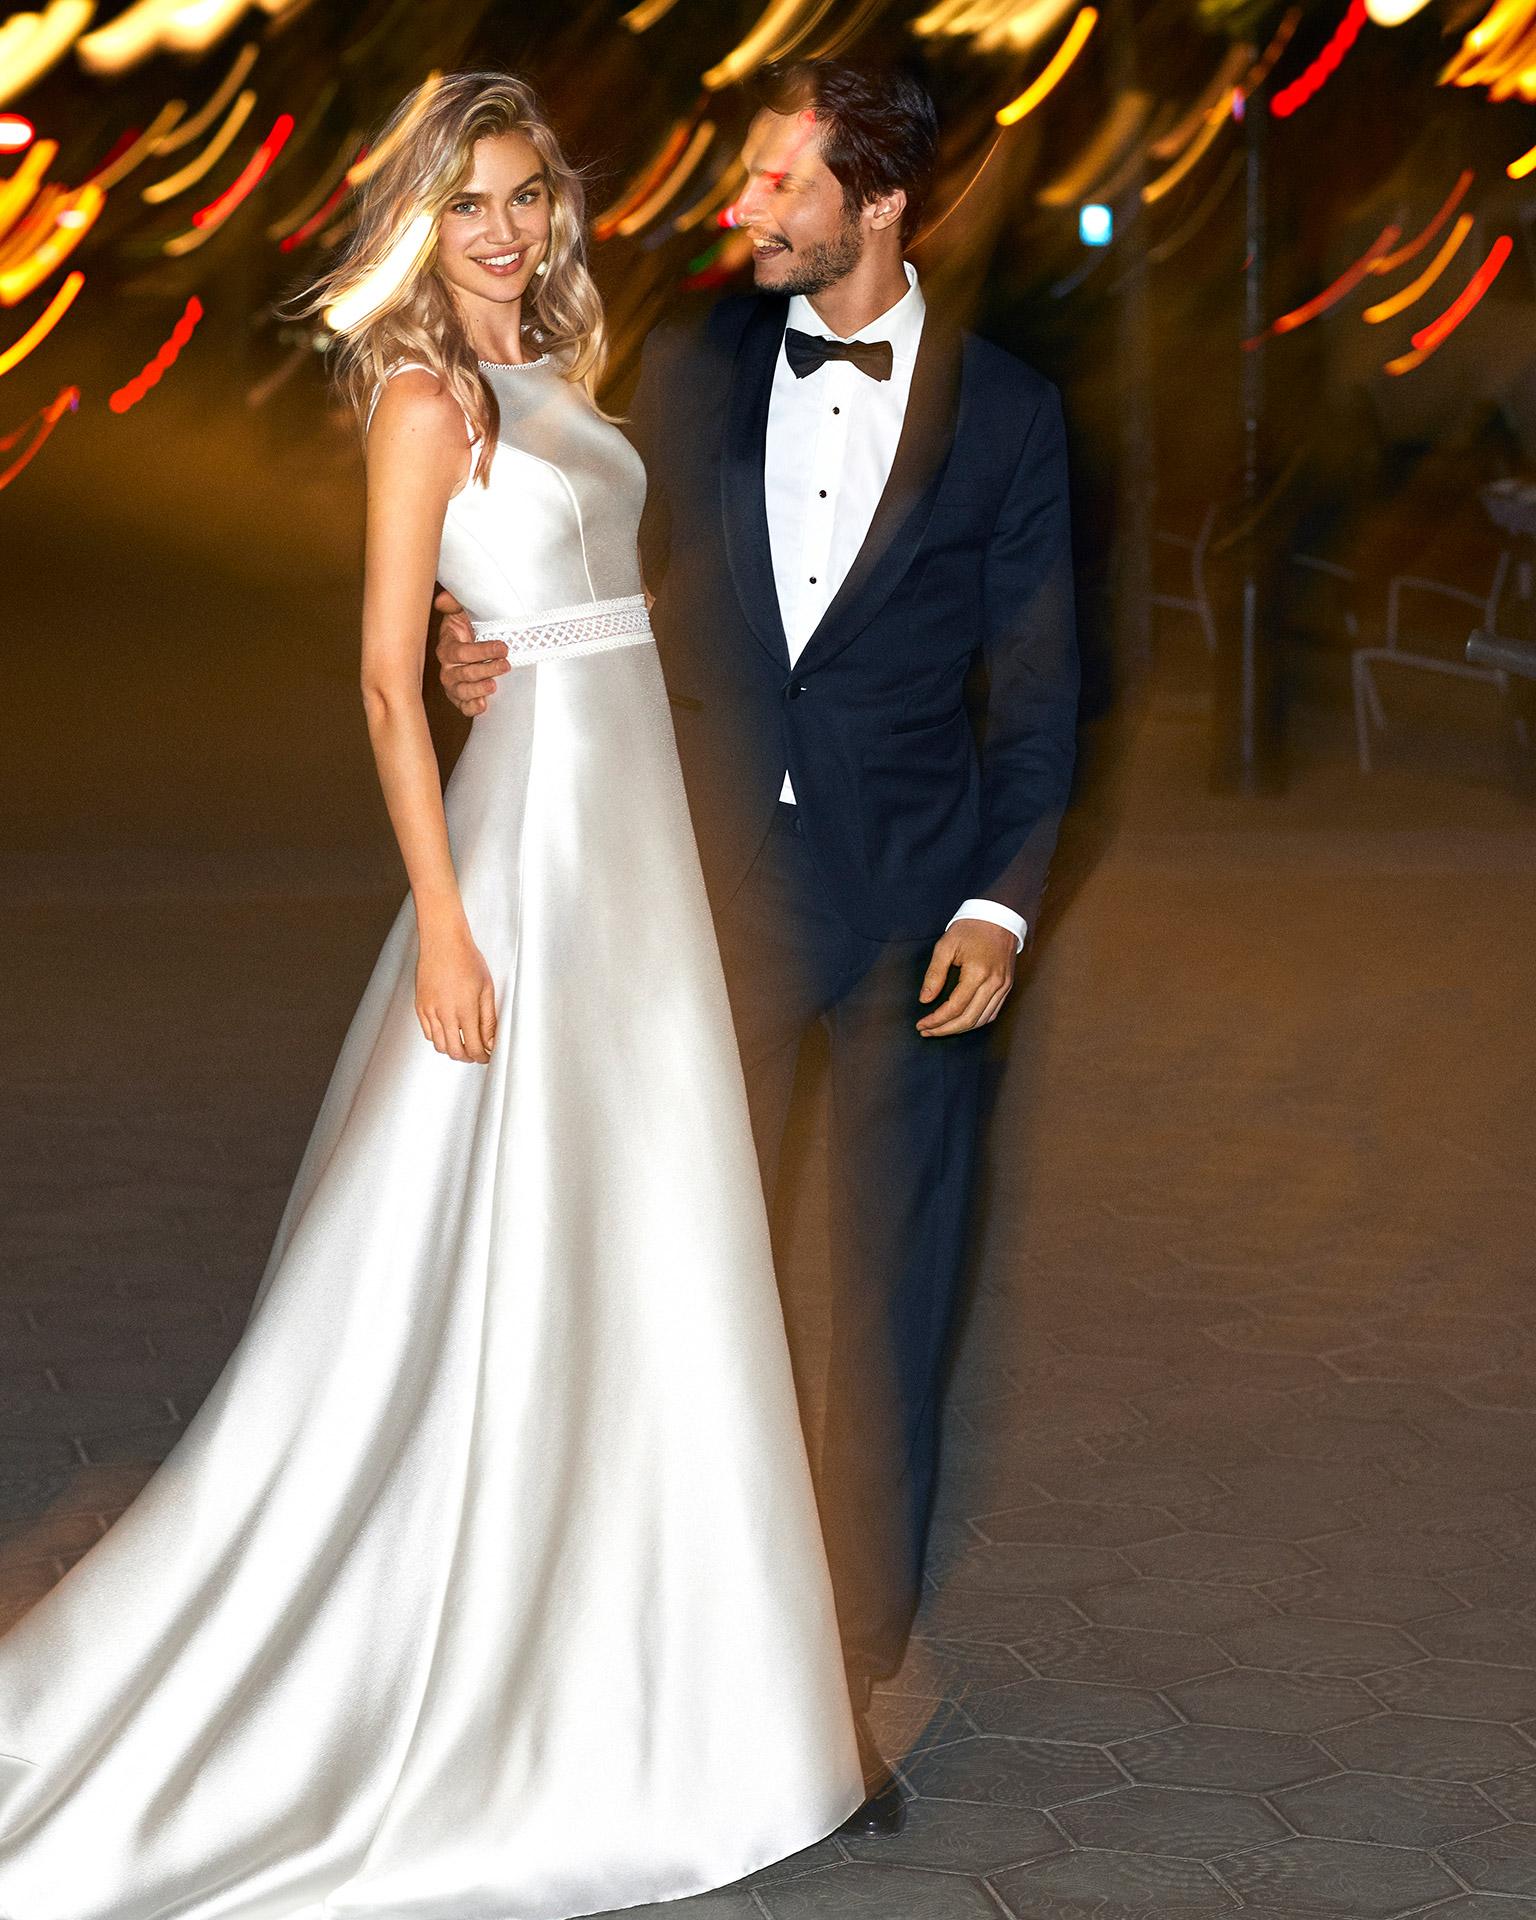 Vestido de novia estilo línea A de mikado y encaje, escote barco y espalda escotada con pasamanería. Colección  2020.